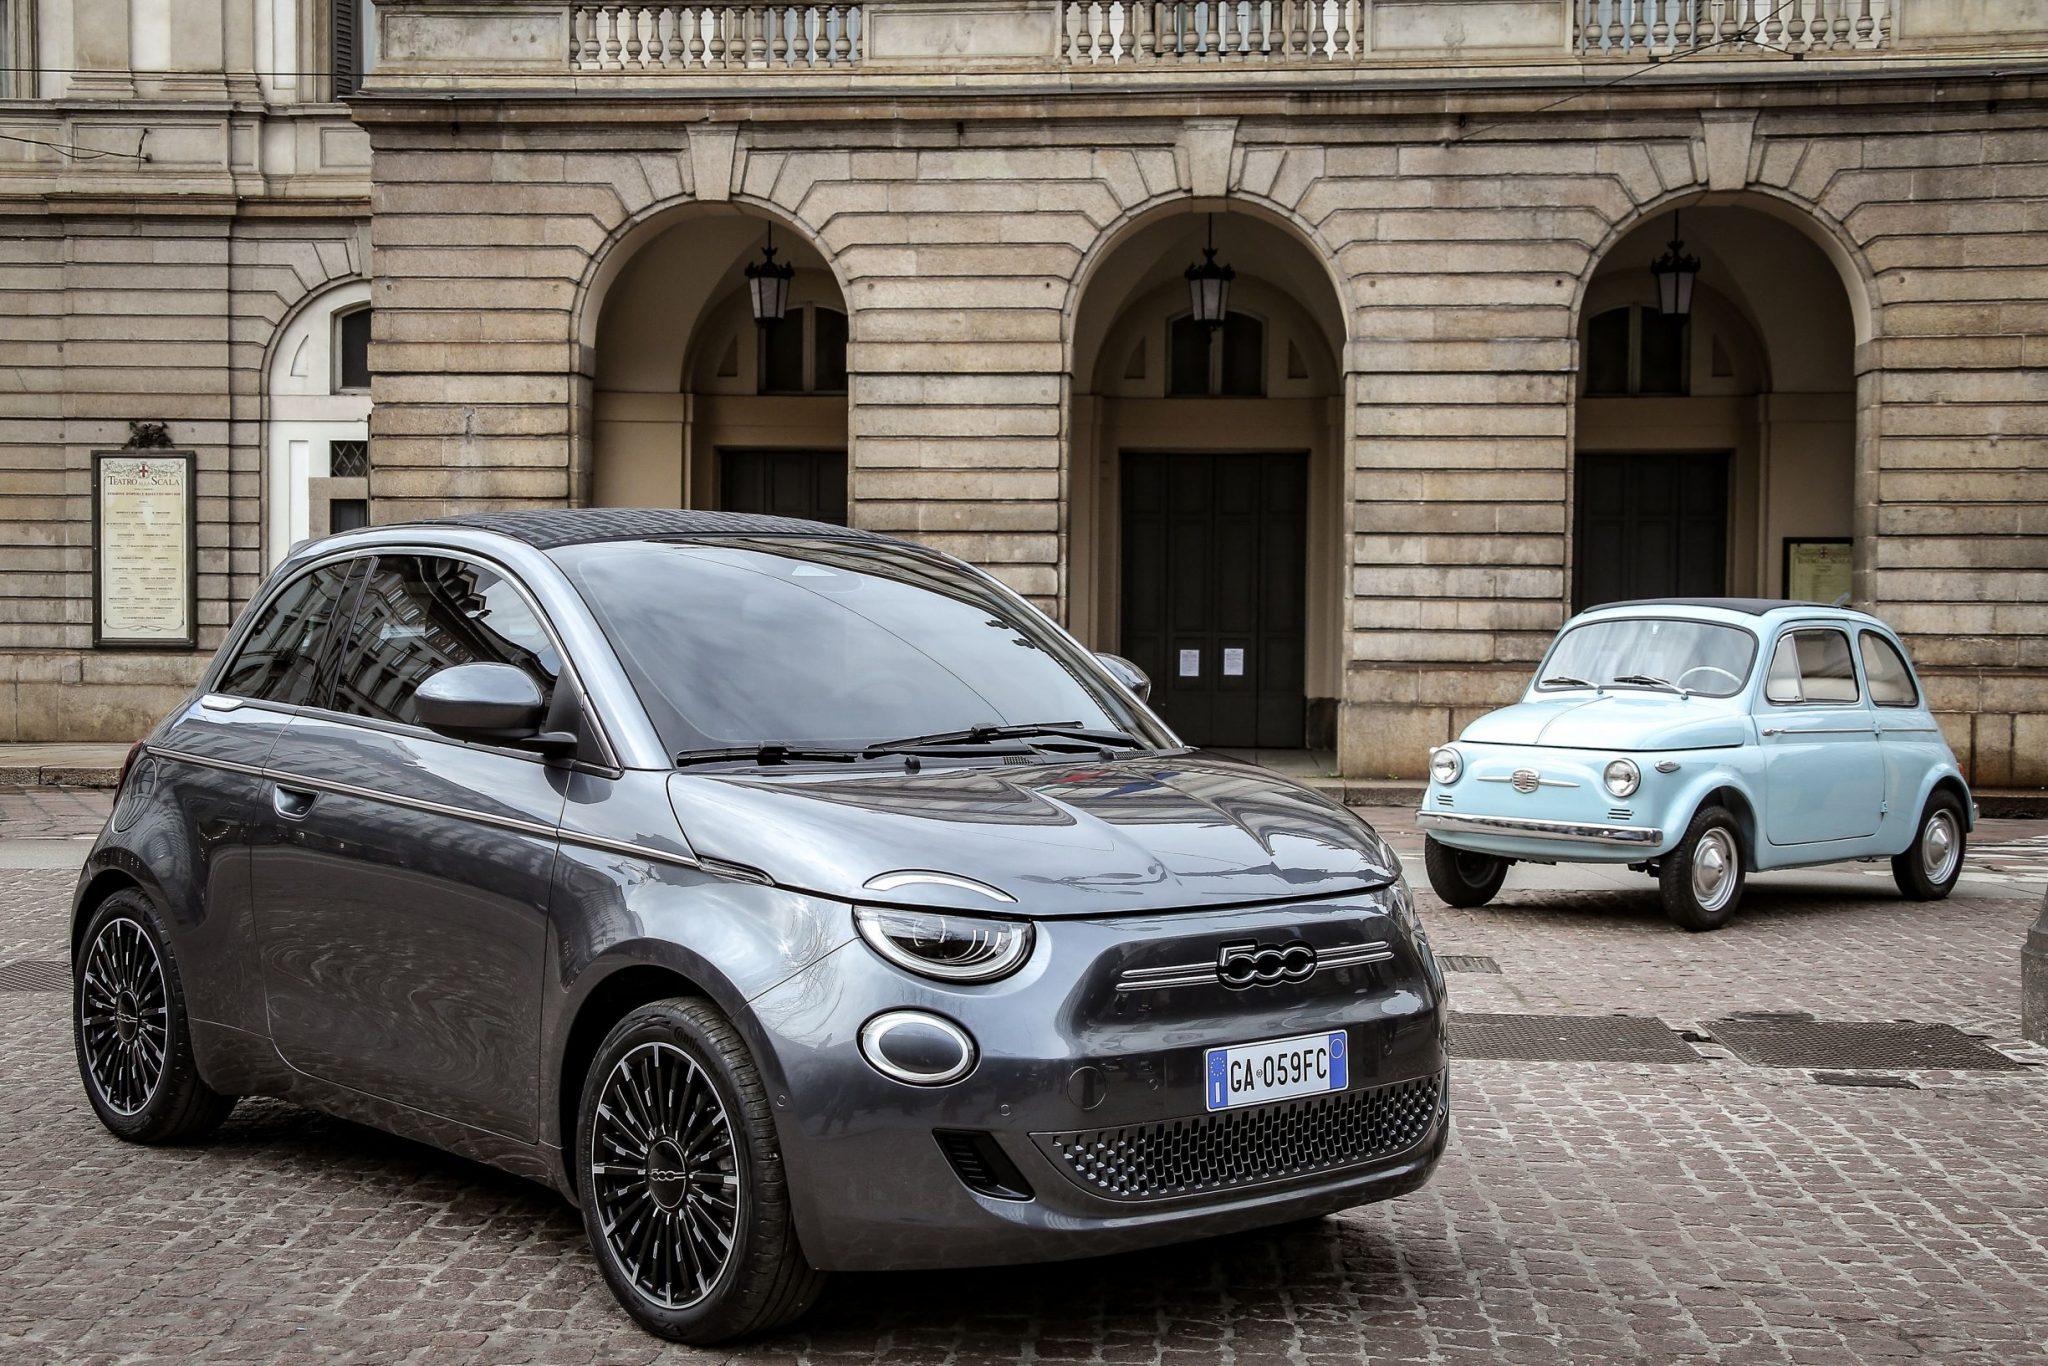 FIAT 500 Elettrica, il tutto per tutto della Casa torinese thumbnail